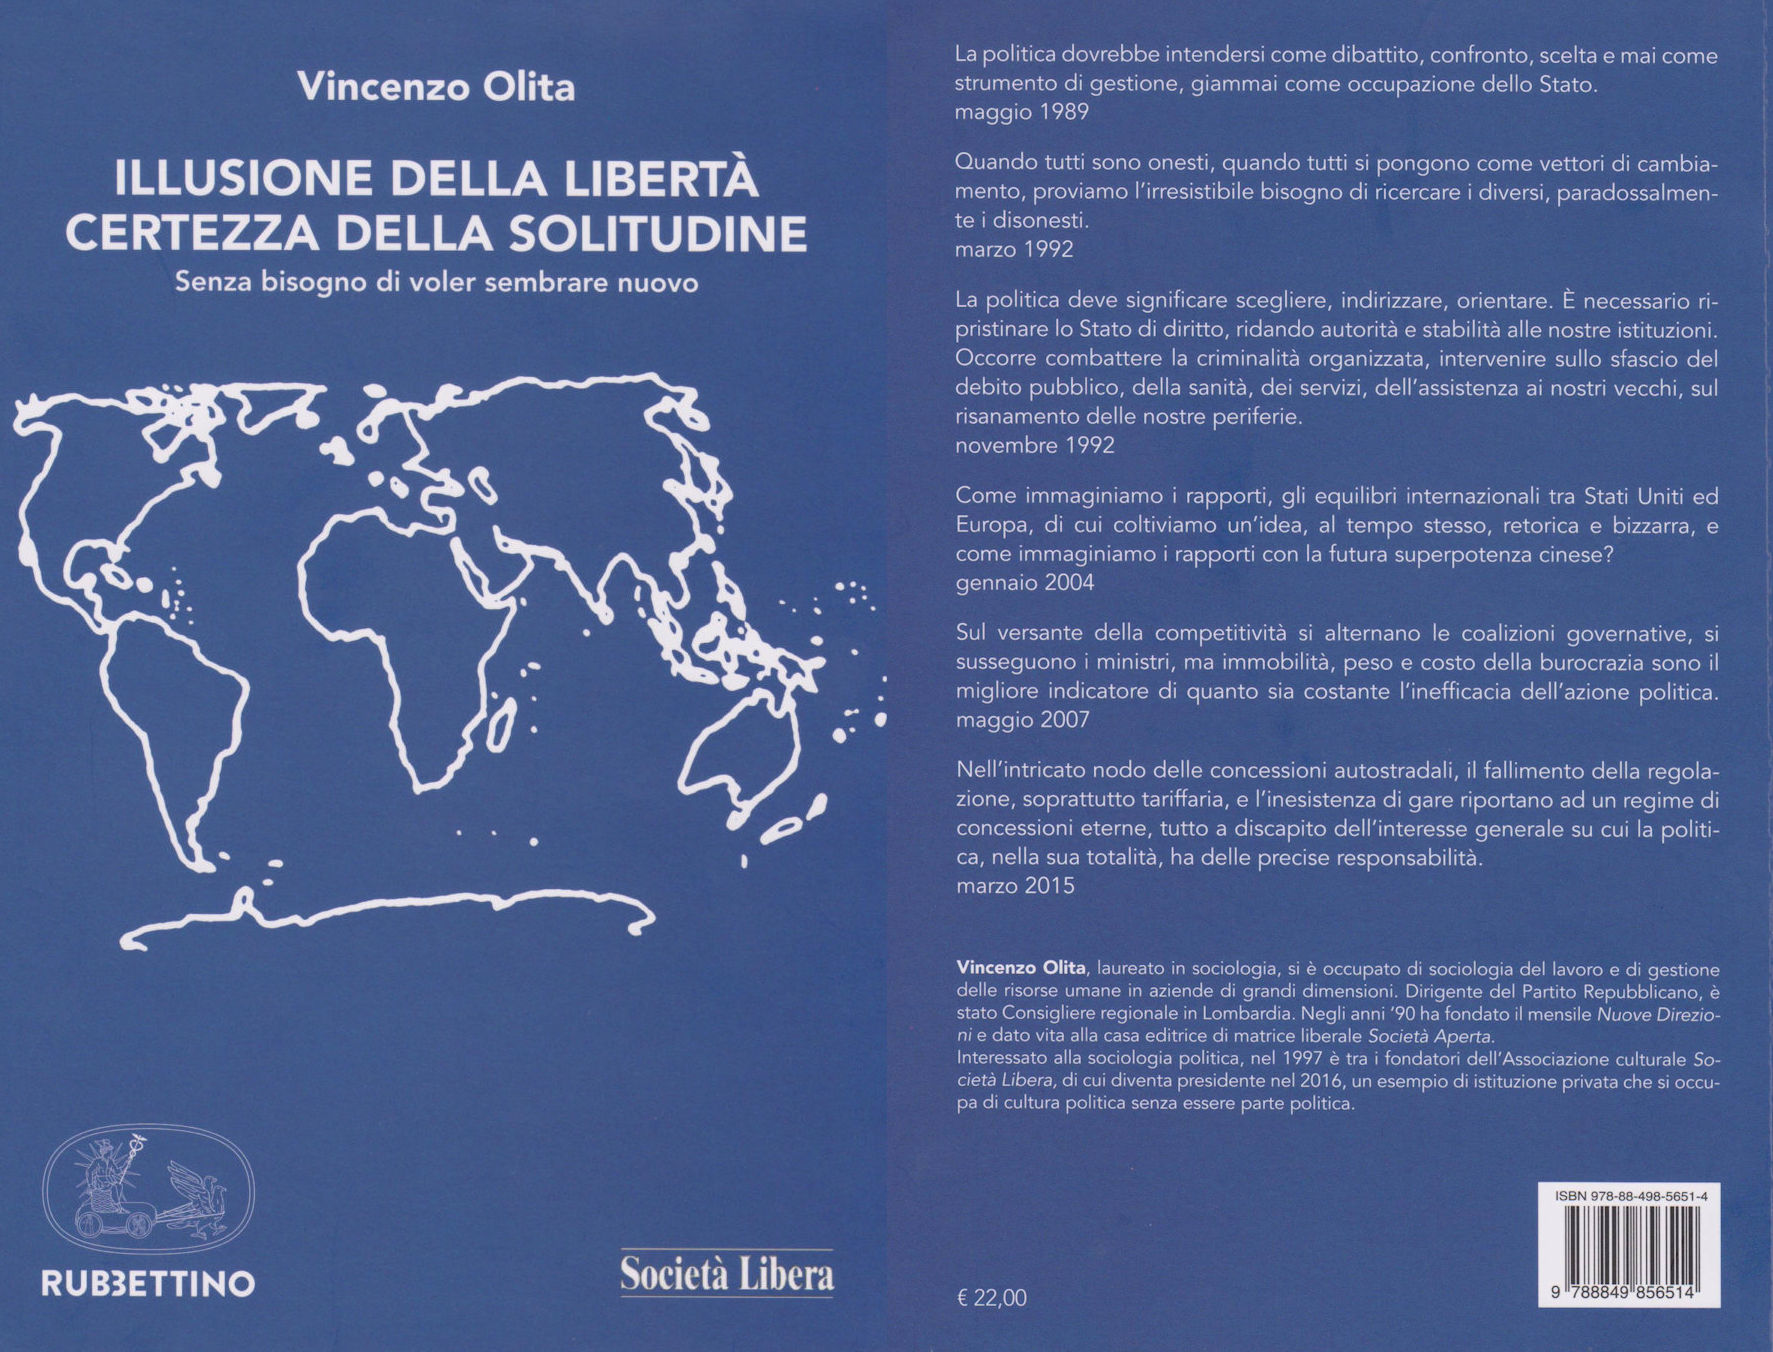 La copertina del libro di Vincenzo Olita Illusione della libertà certezza della solitudine